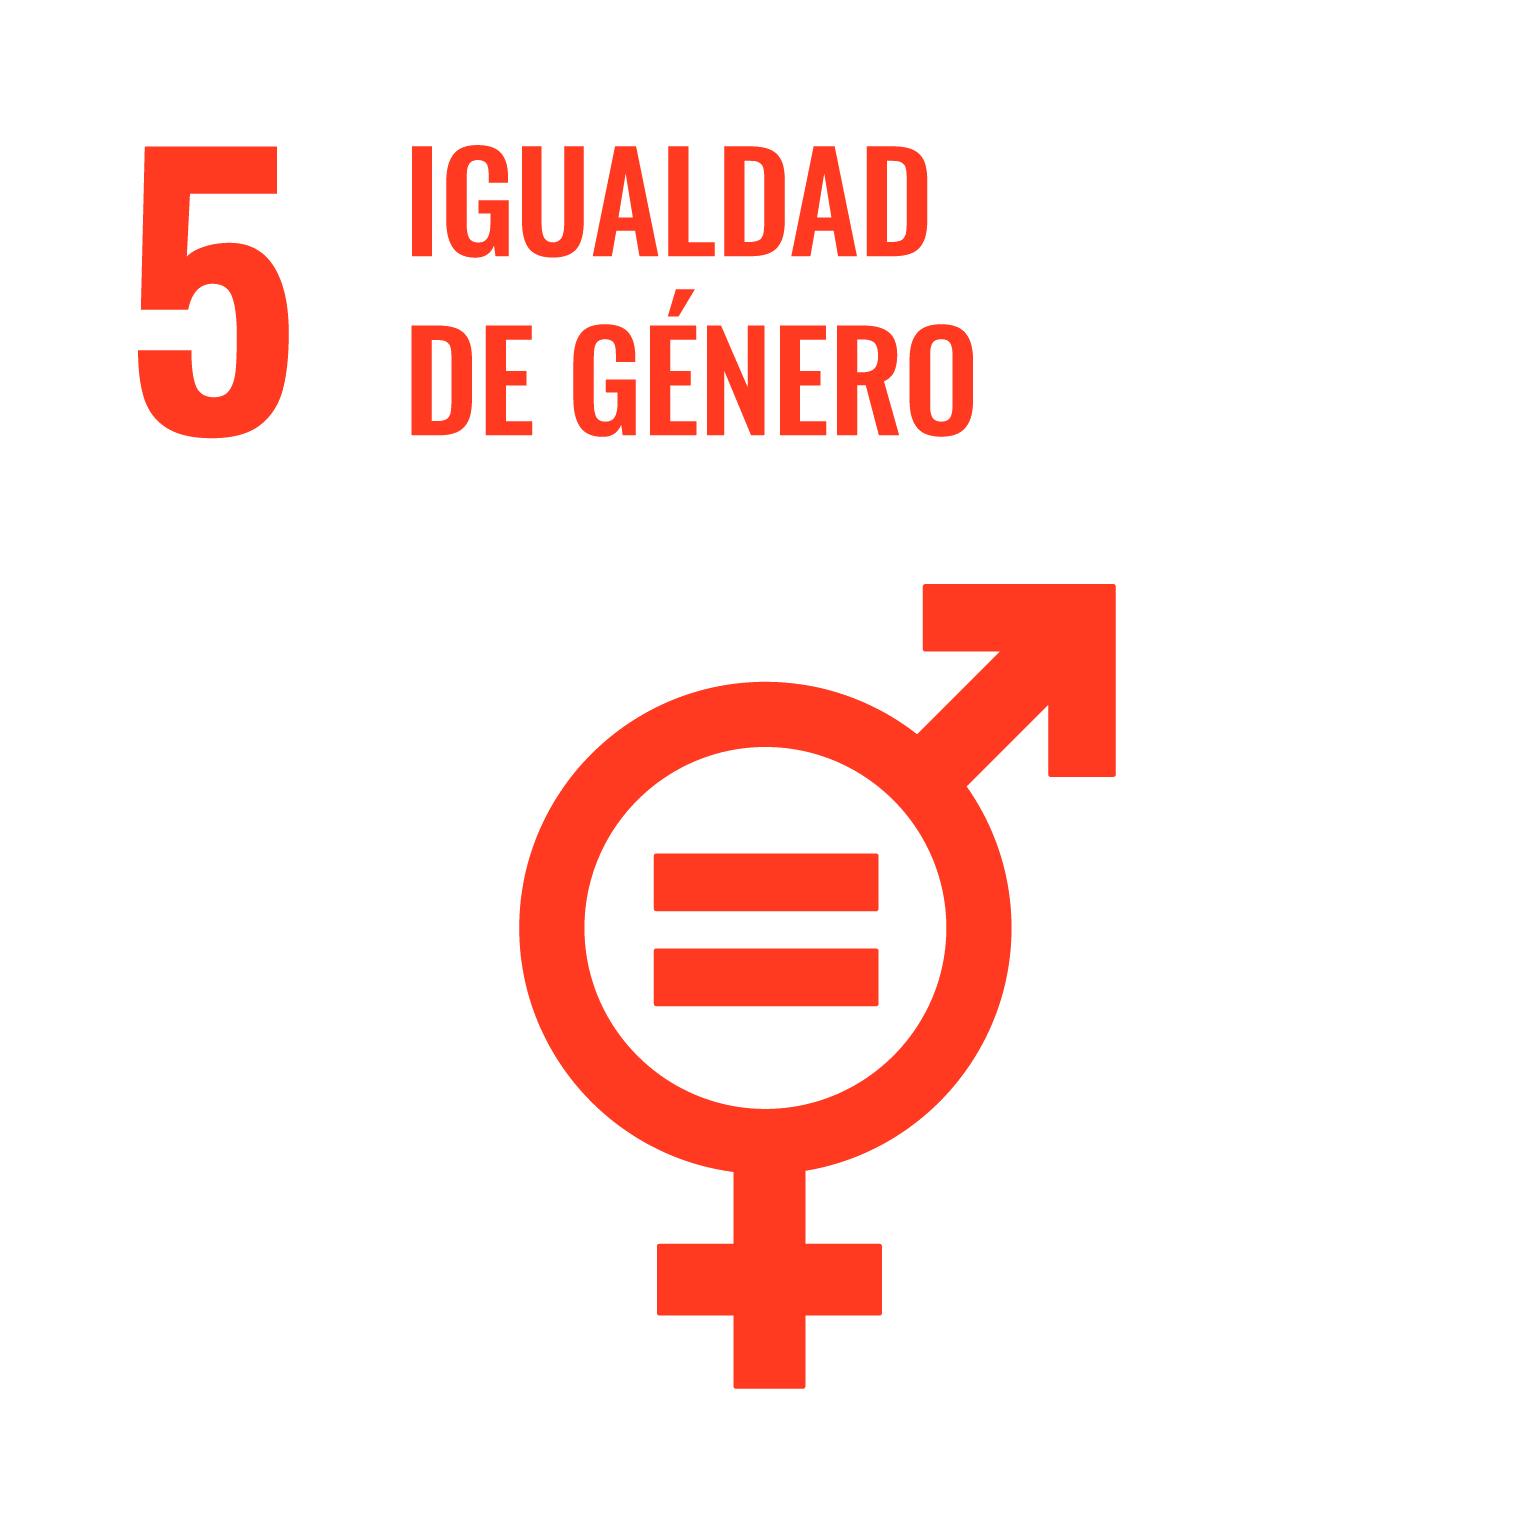 Igualdad de género